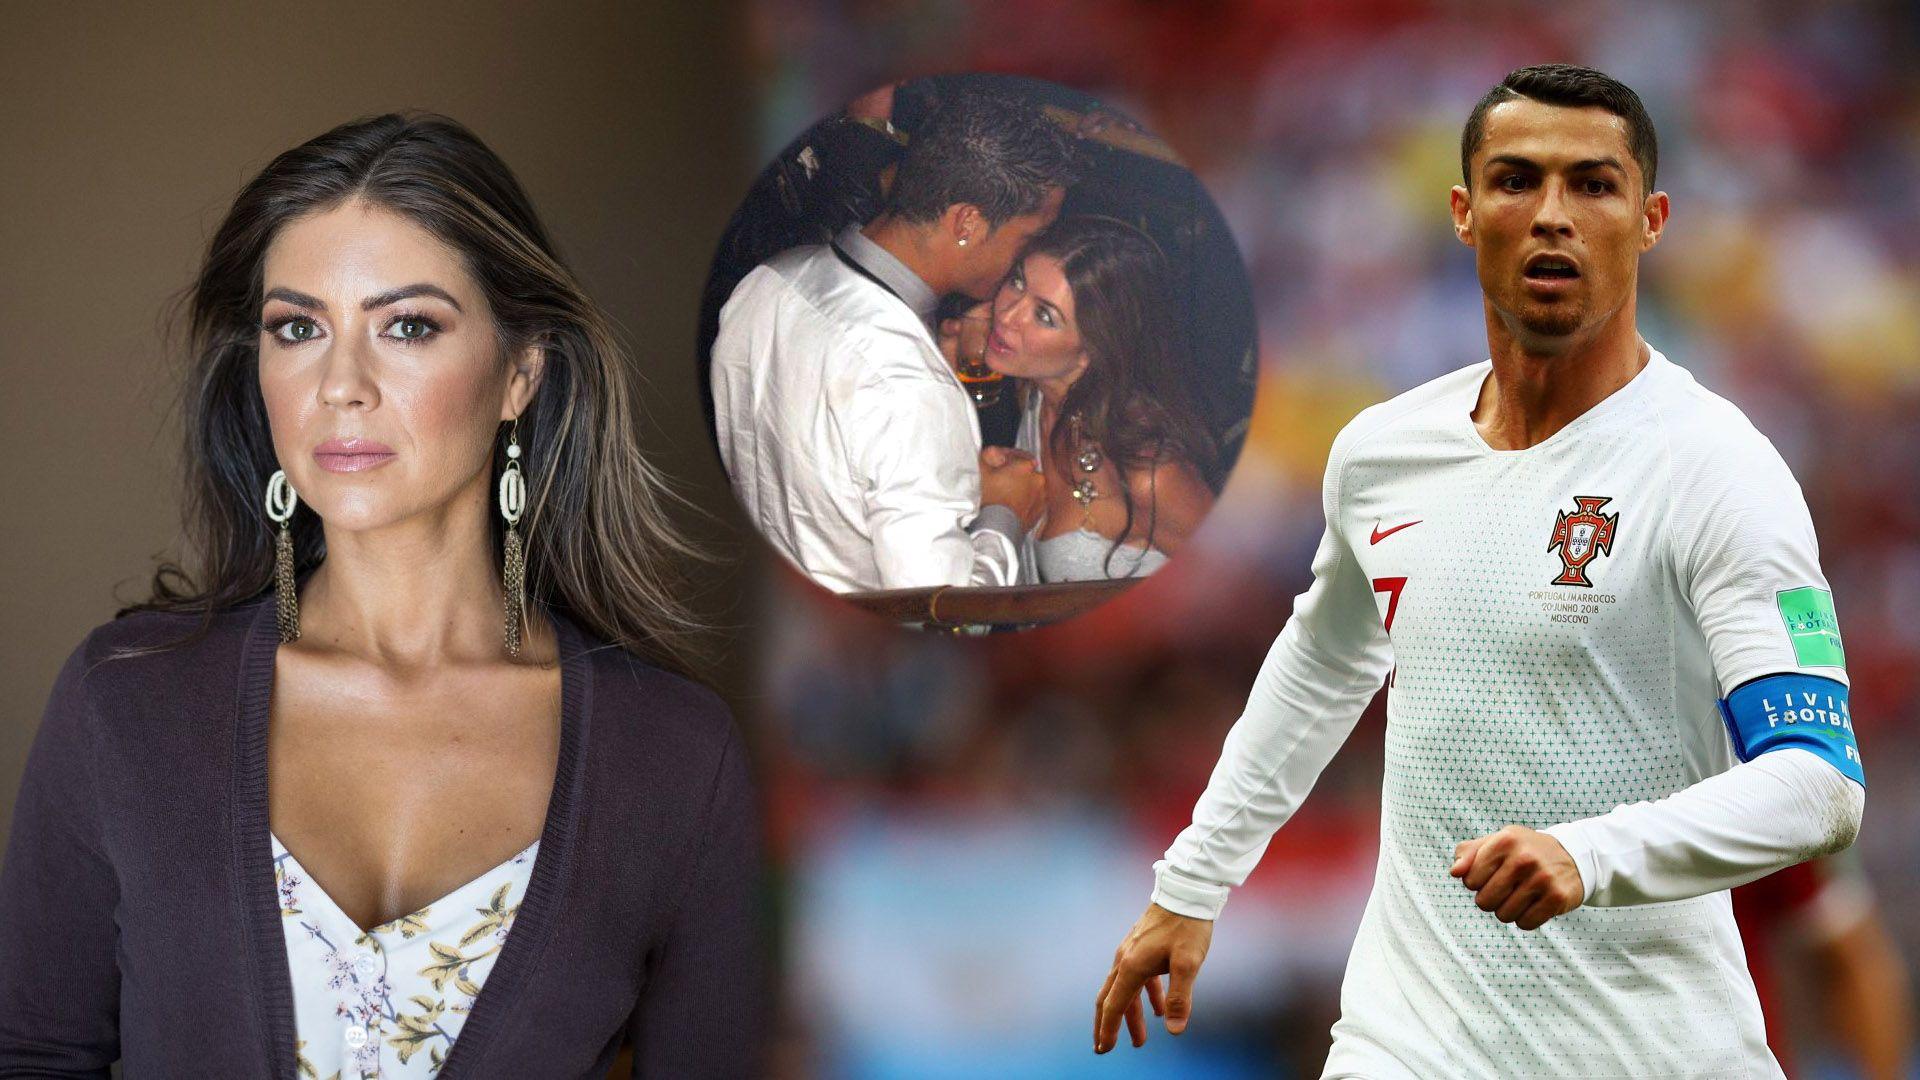 Кристиано Роналдо бе обвинен в изнасилване от Катрин Майорга 9 години след сексуалния акт помежду им. Според Роналдо, тя просто иска да добие популярност и да спечели някой друг долар.